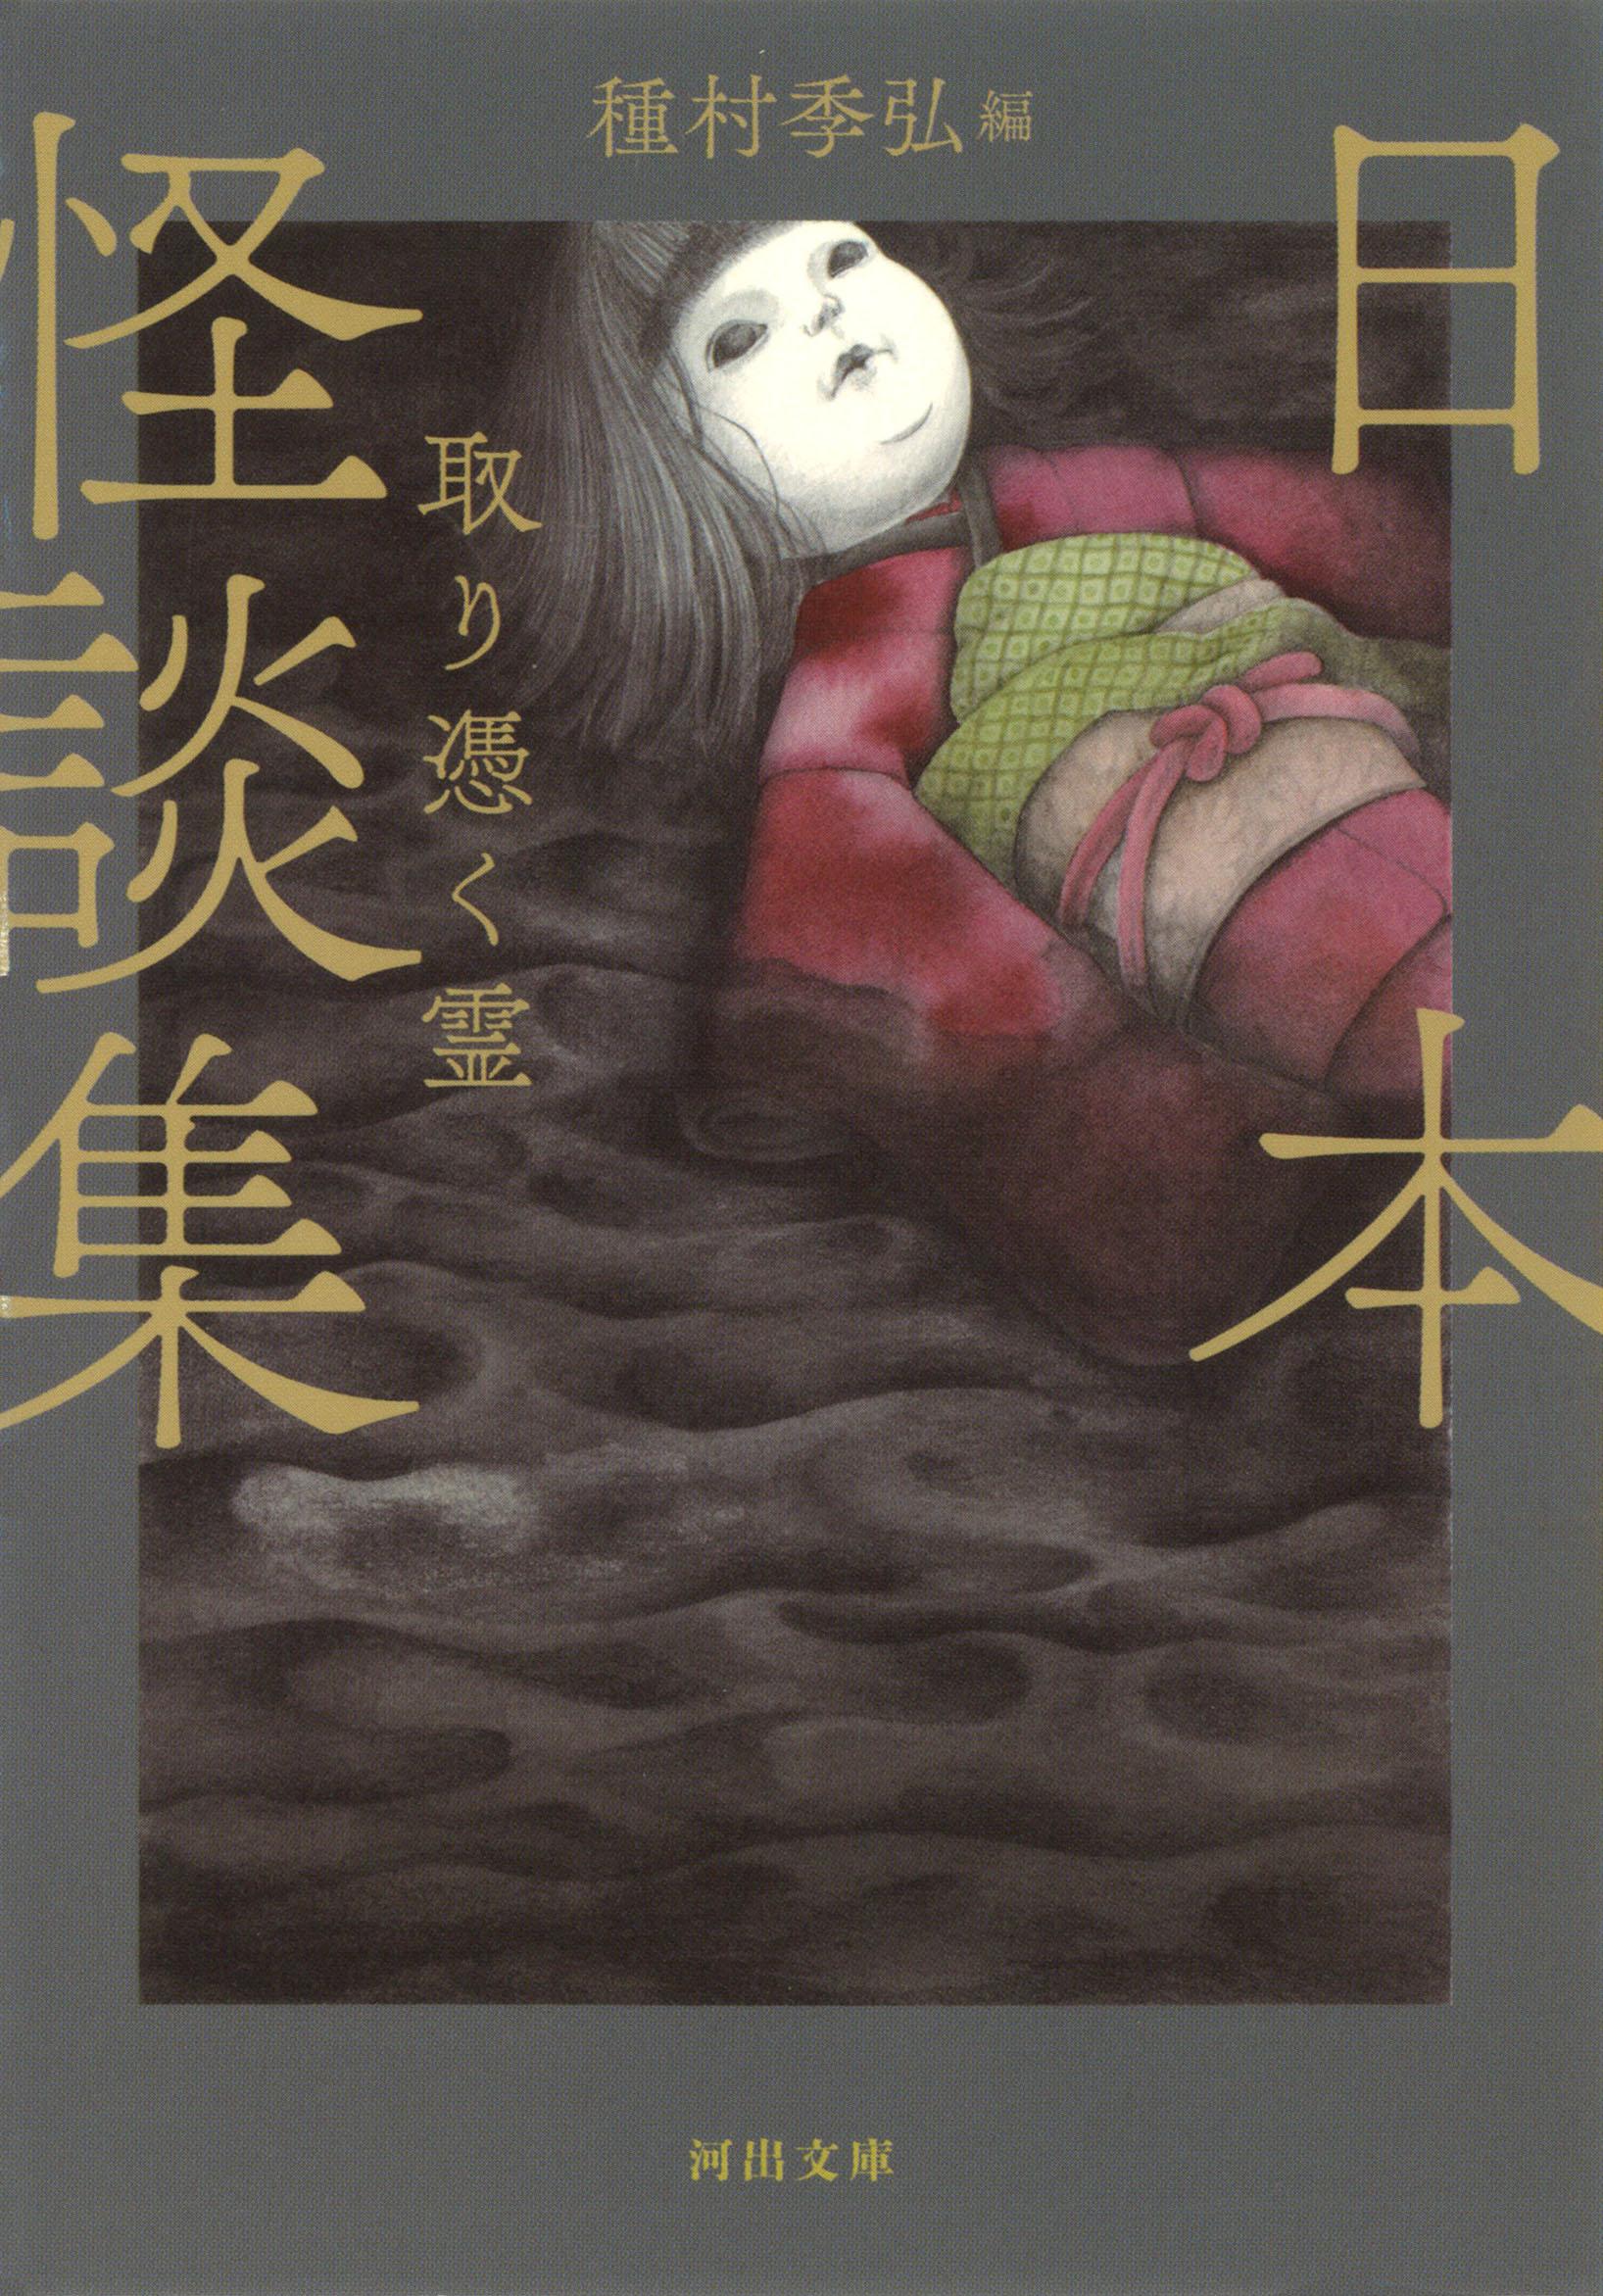 種村 季弘|著者 | 河出書房新社